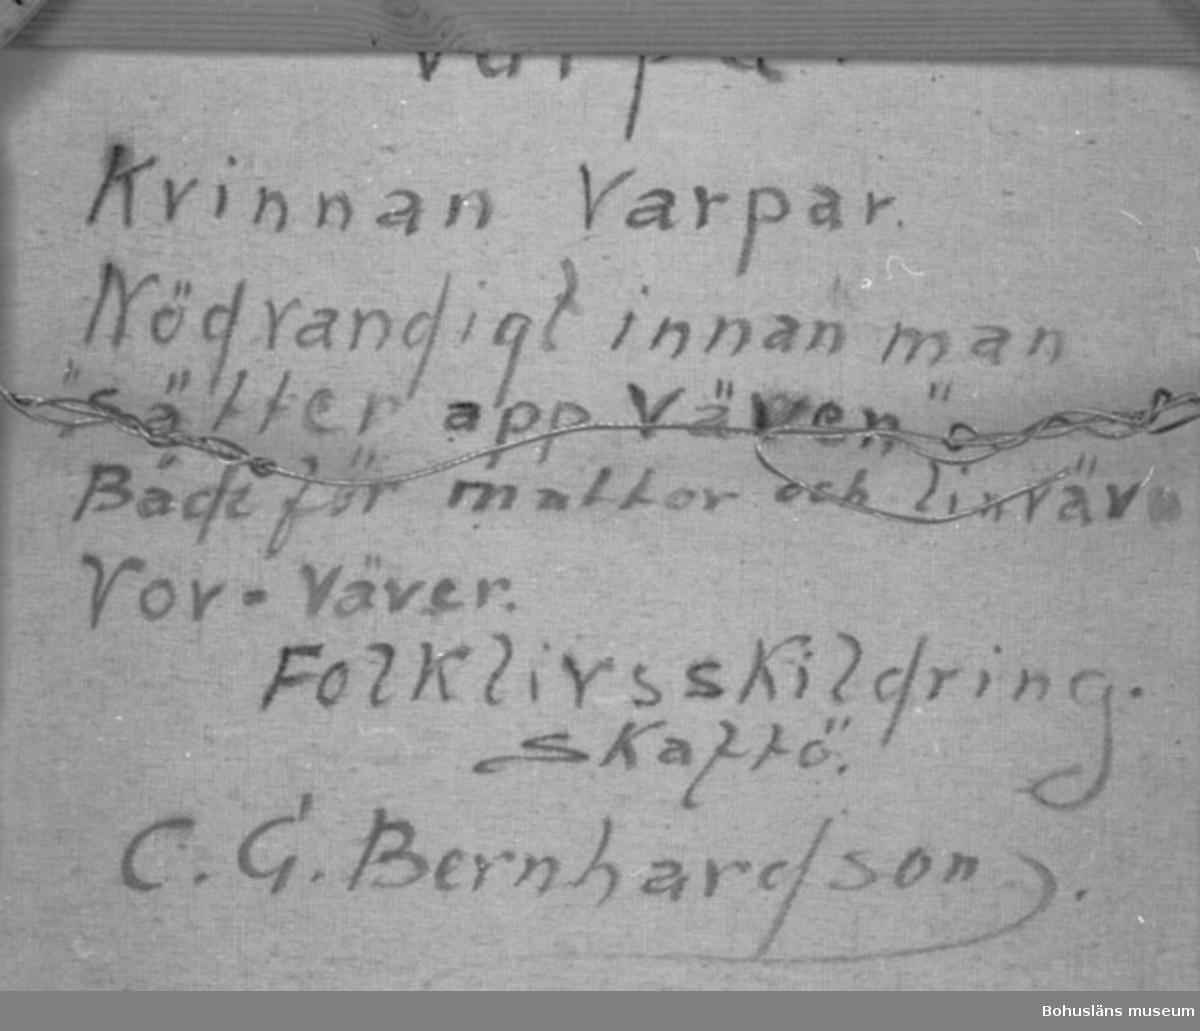 """Baksidestext:  """"Varpa Kvinnan Varpar Nödvandigt innan man """"sätter app väven"""" Både för mattor och linväv Vov=väver. Folklivskildring. Skaftö. C.G. Bernhardson.""""  Ordförklaring: Varpa = ordna varpen på varpställning,  d v s vävstolens längsgående trådar - varpen.  Montering: Ram. Övrig historik; se CGB001."""